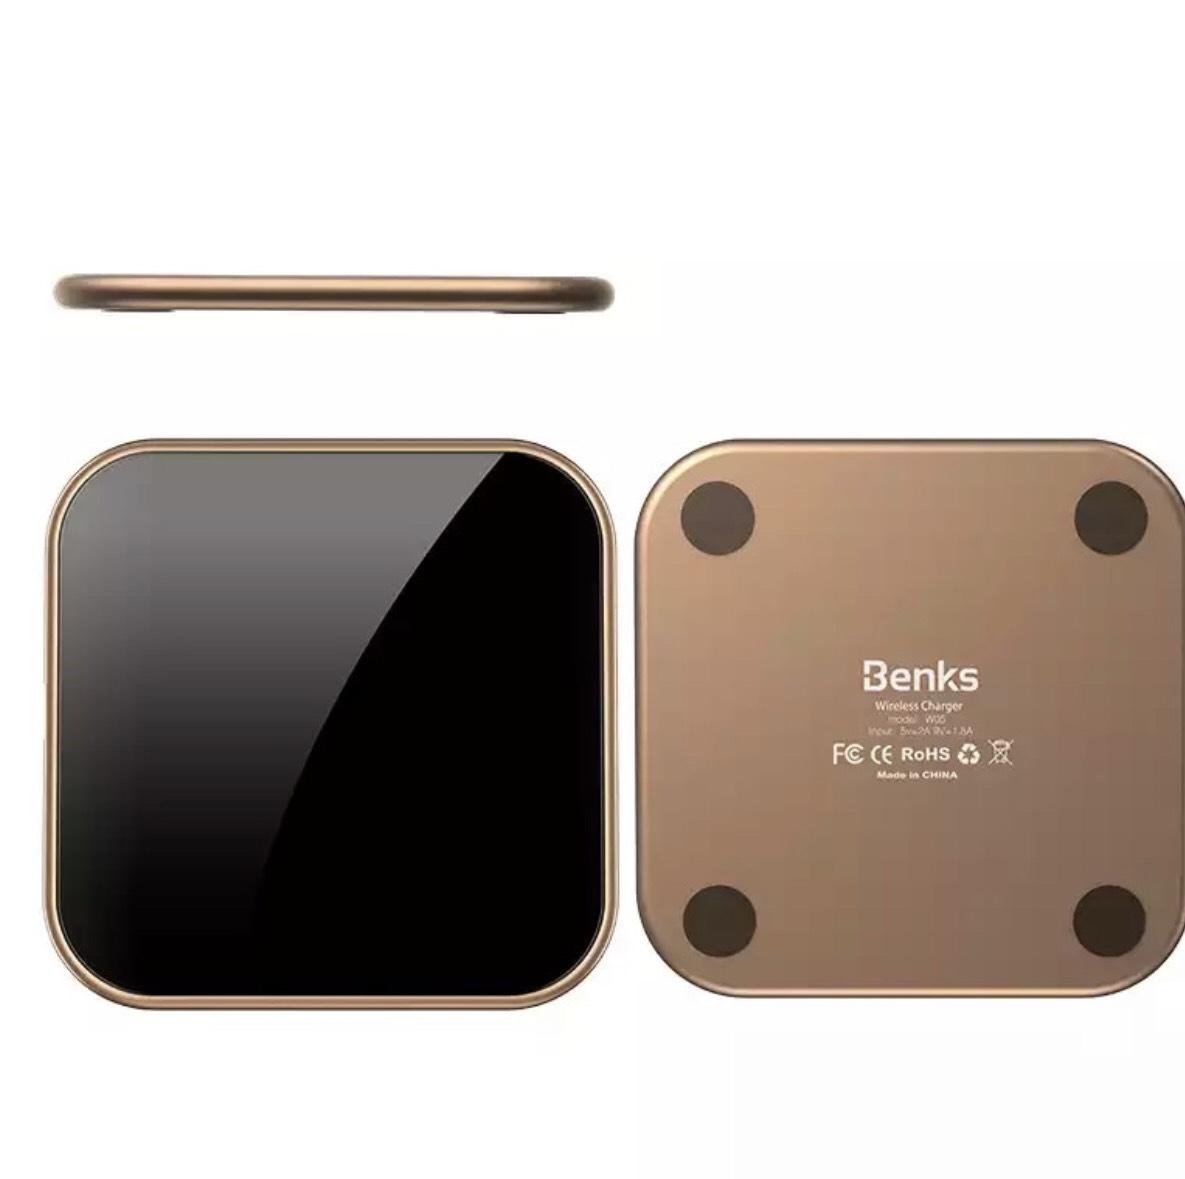 Draadloze QI oplader 7,5w voor iPhone 10w voor Samsung @AliExpress